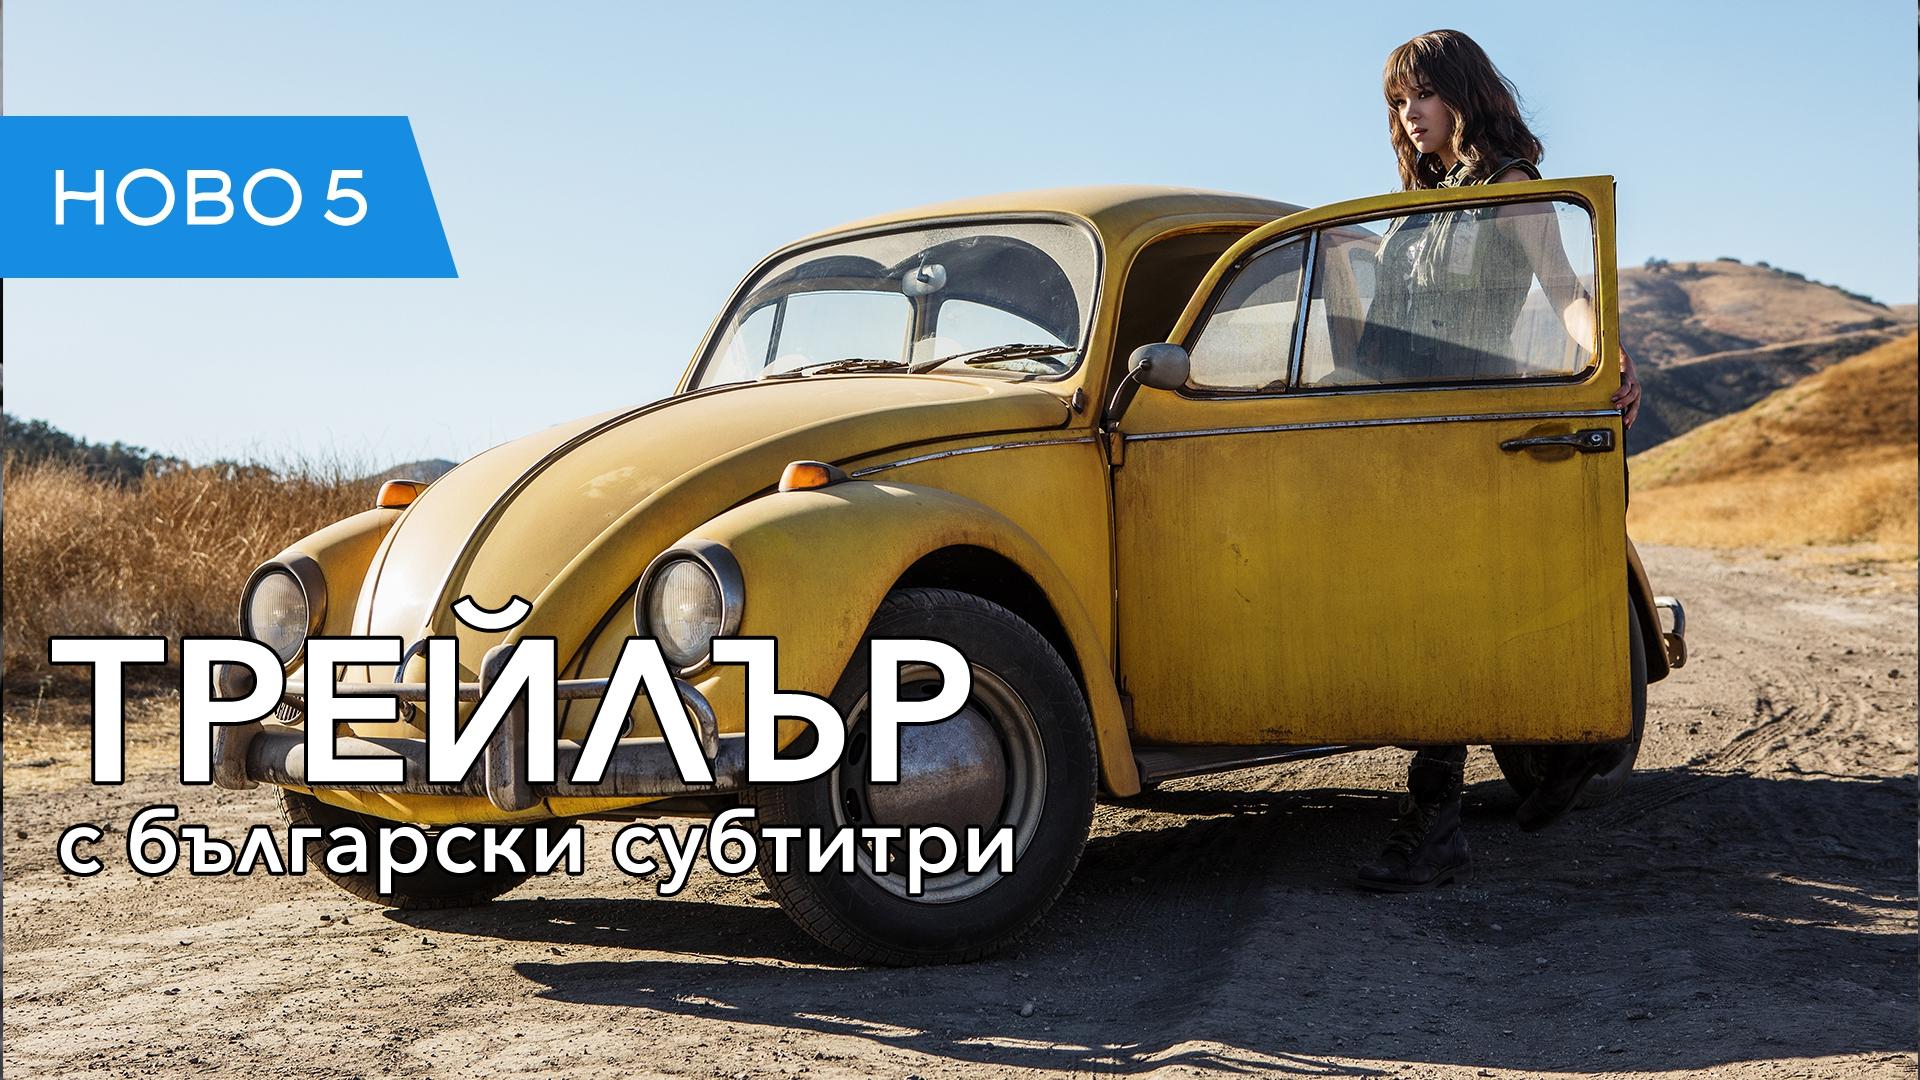 Бъмбълби (2018) трейлър с български субтитри